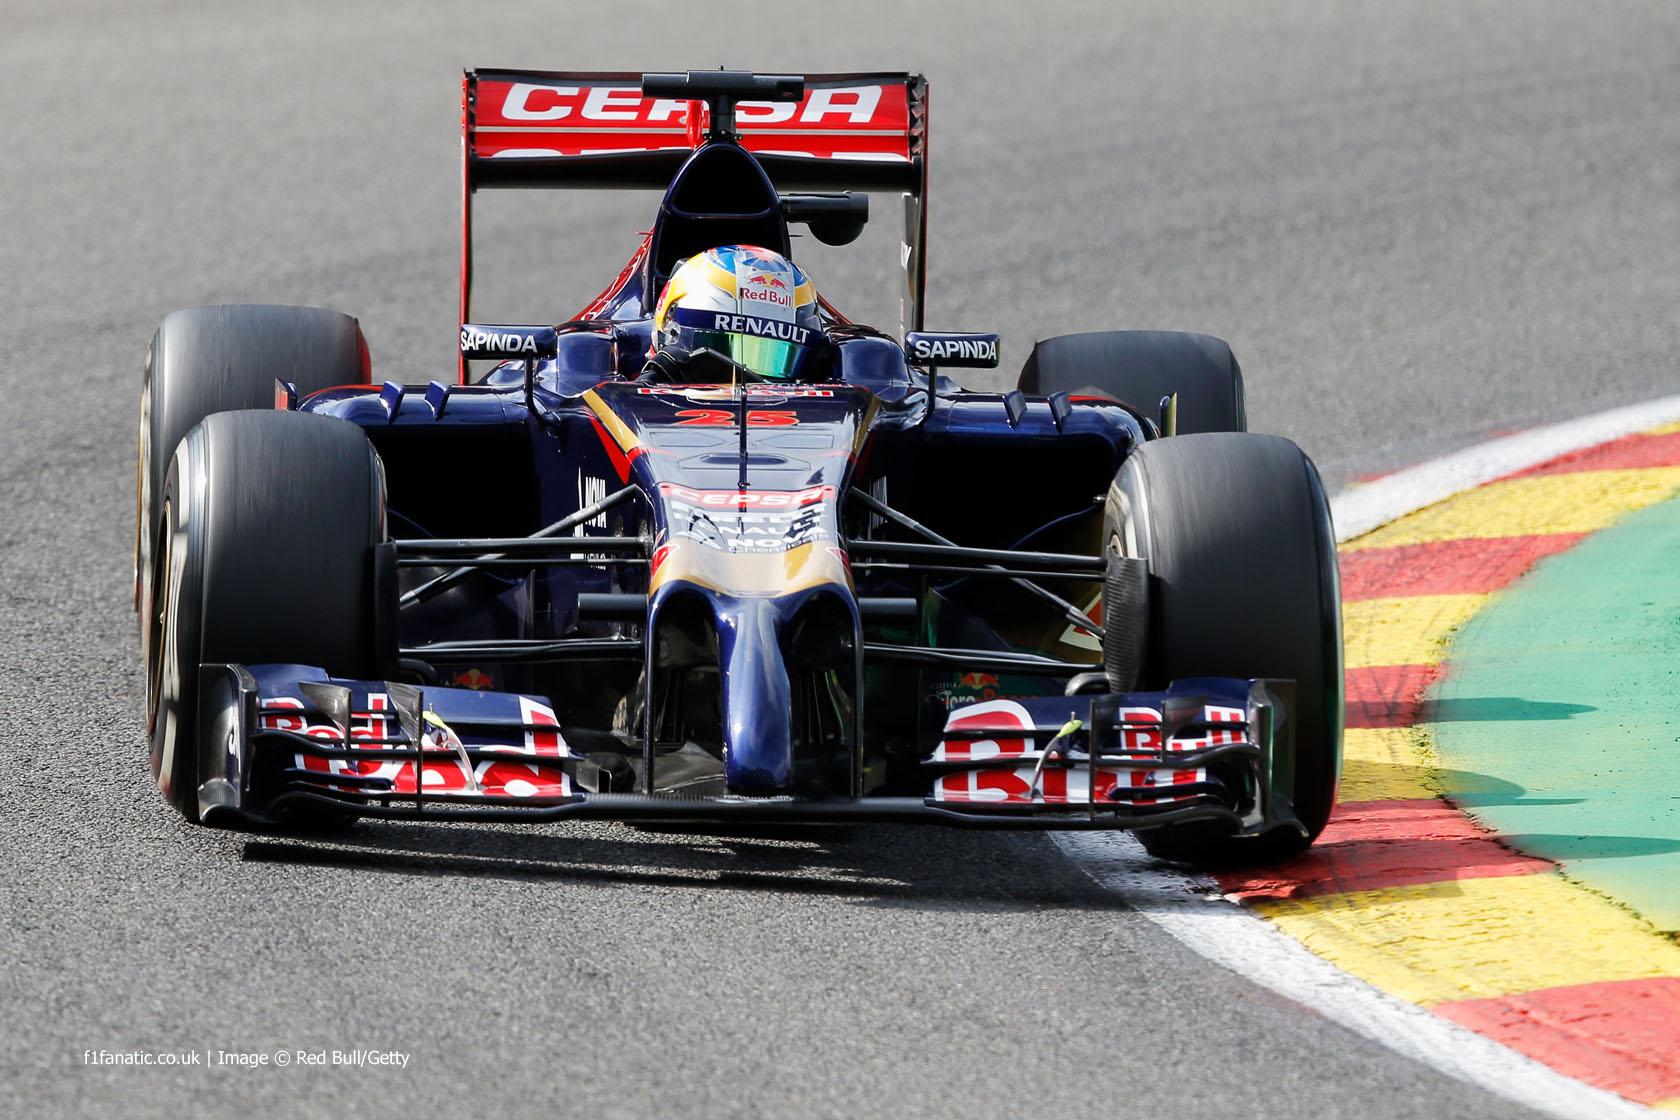 Jean Eric Vergne Toro Rosso Spa Francorchamps F1